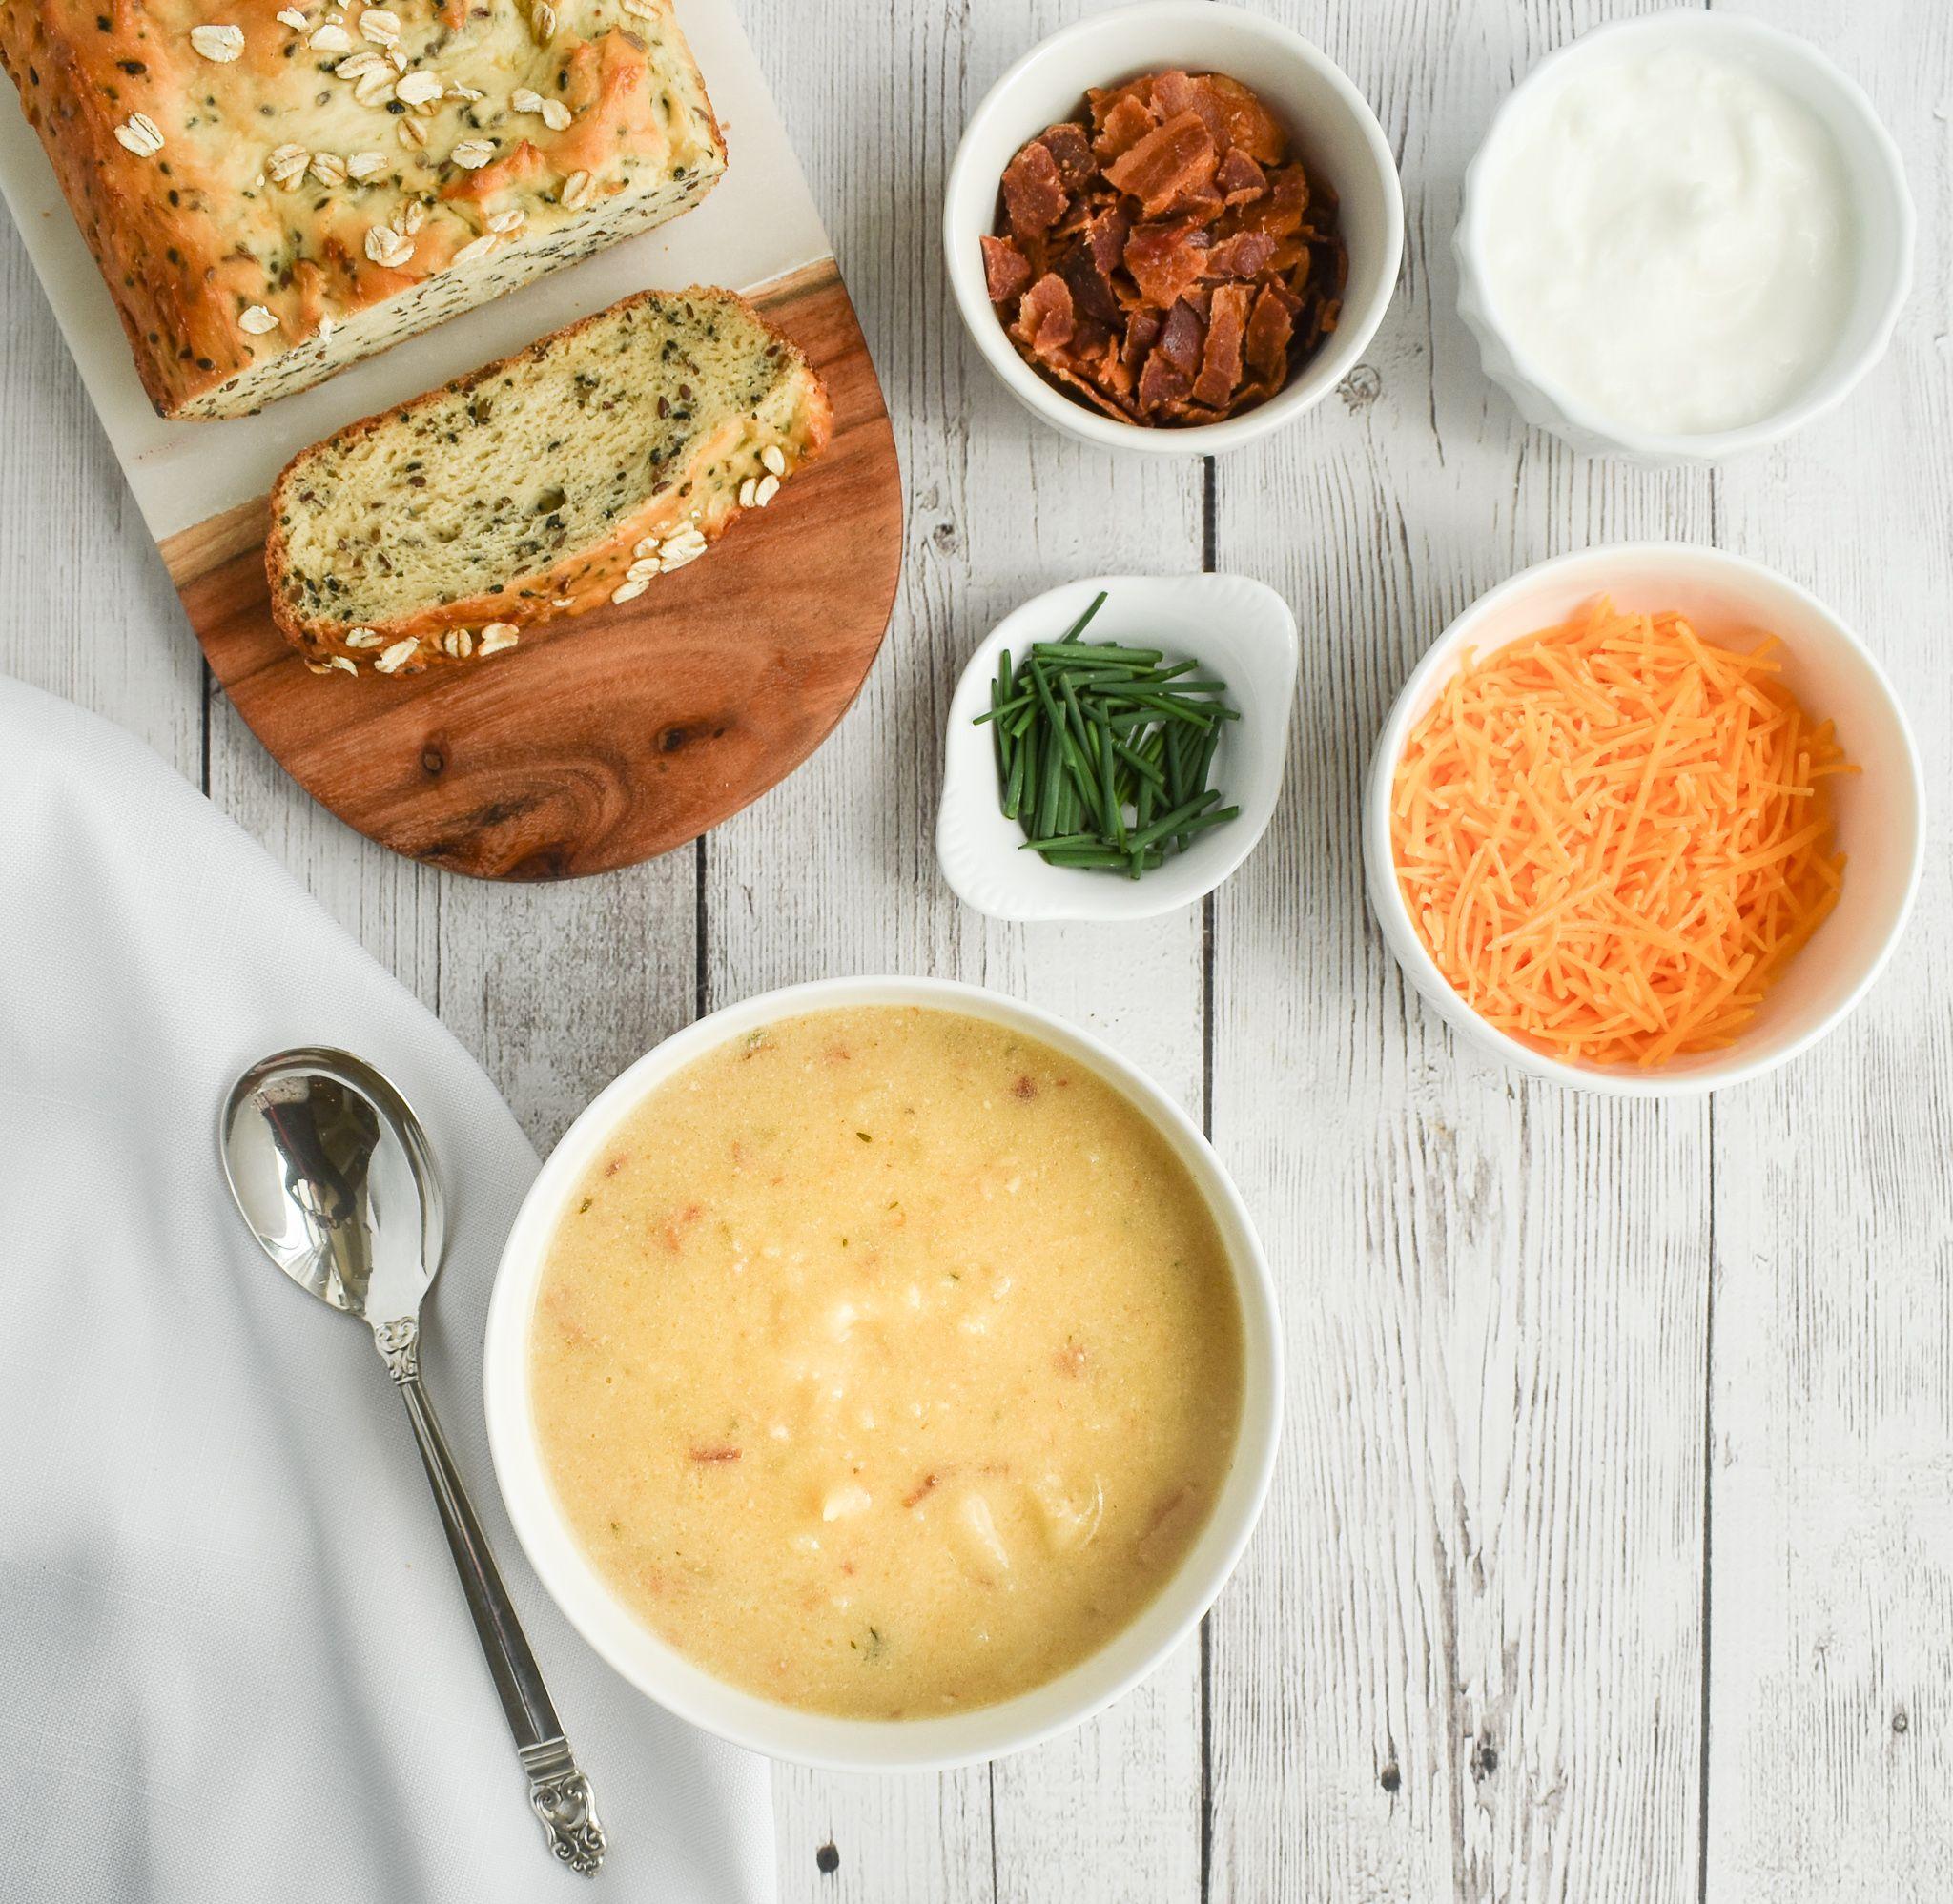 Low-FODMAP Slow-Cooker Baked Potato Soup; Gluten-free